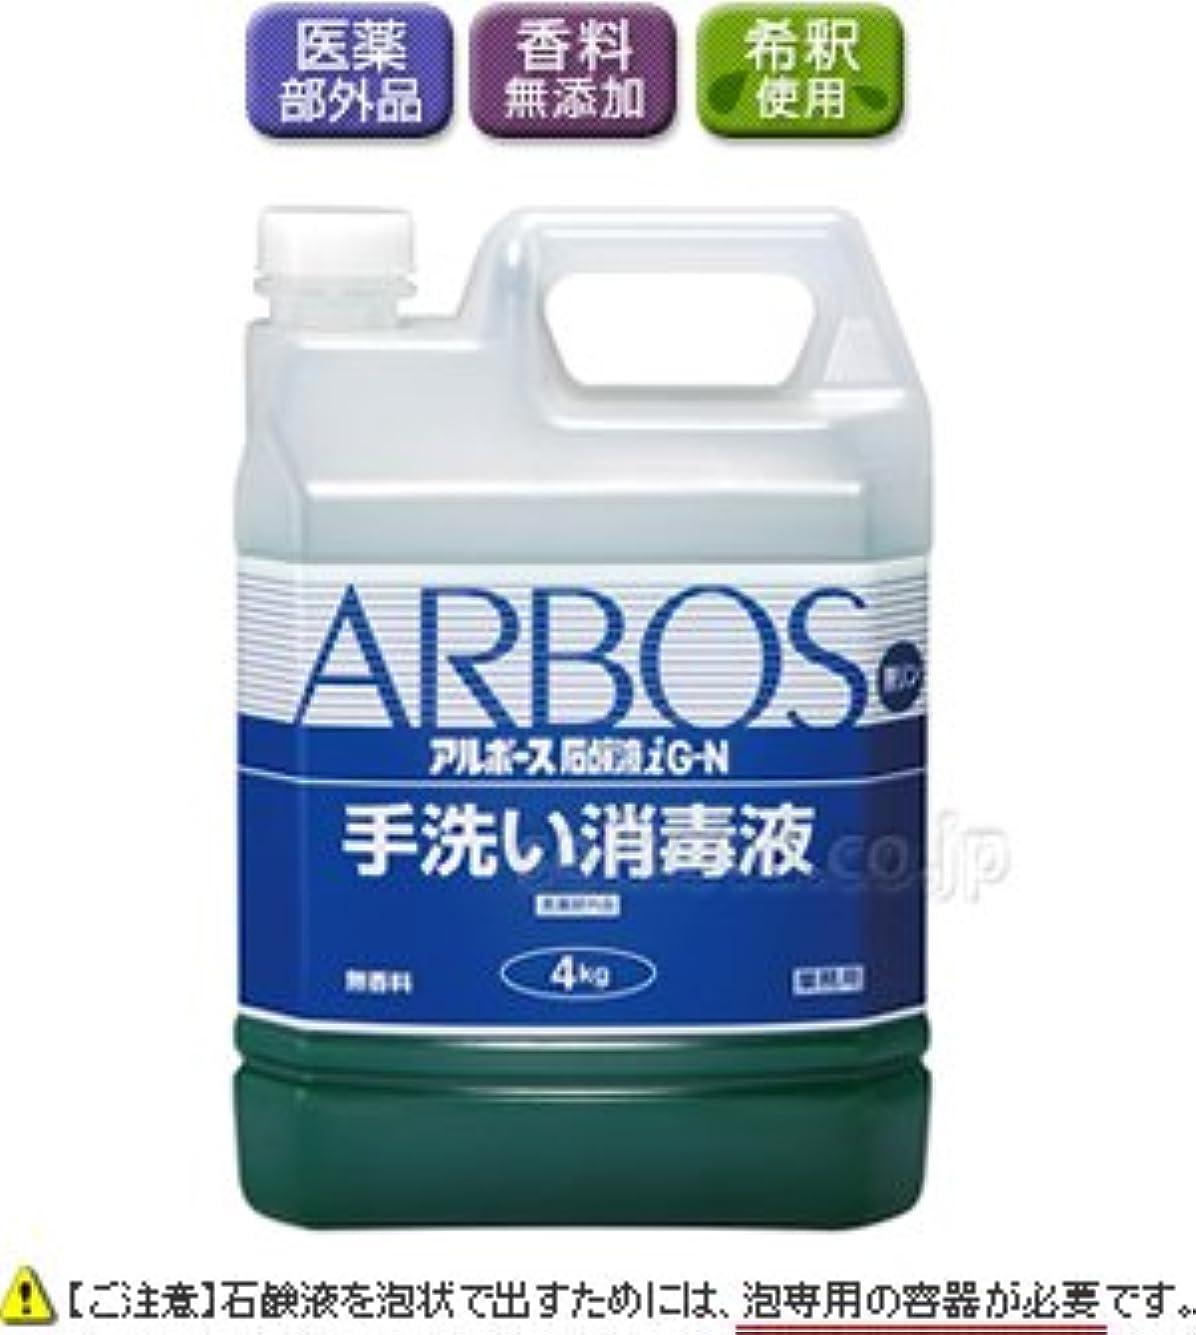 最初は削減脈拍【清潔キレイ館】アルボース石鹸液iG-N(4kg×1本)